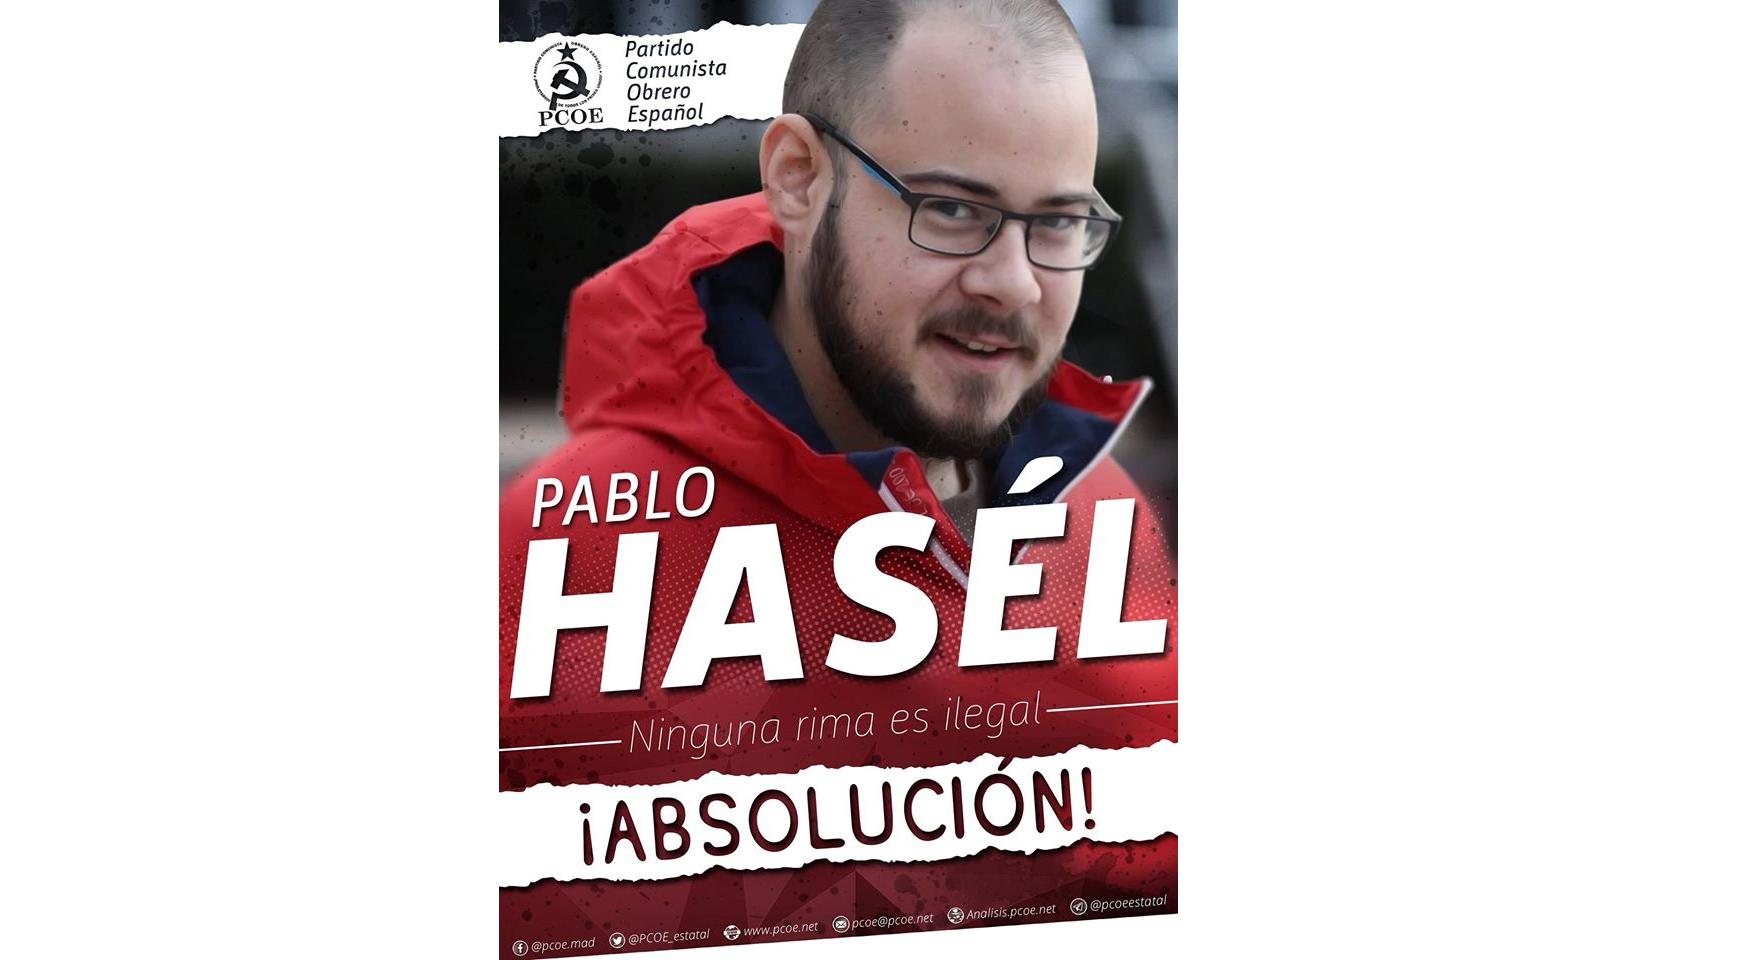 Desde hace años, el Estado Español ha perseguido y reprimido a Pablo Hasel, procesándolo, imputándolo y deteniéndolo en varias ocasiones. La Audiencia Nacional, aquel órgano del franquismo llamado Tribunal de…